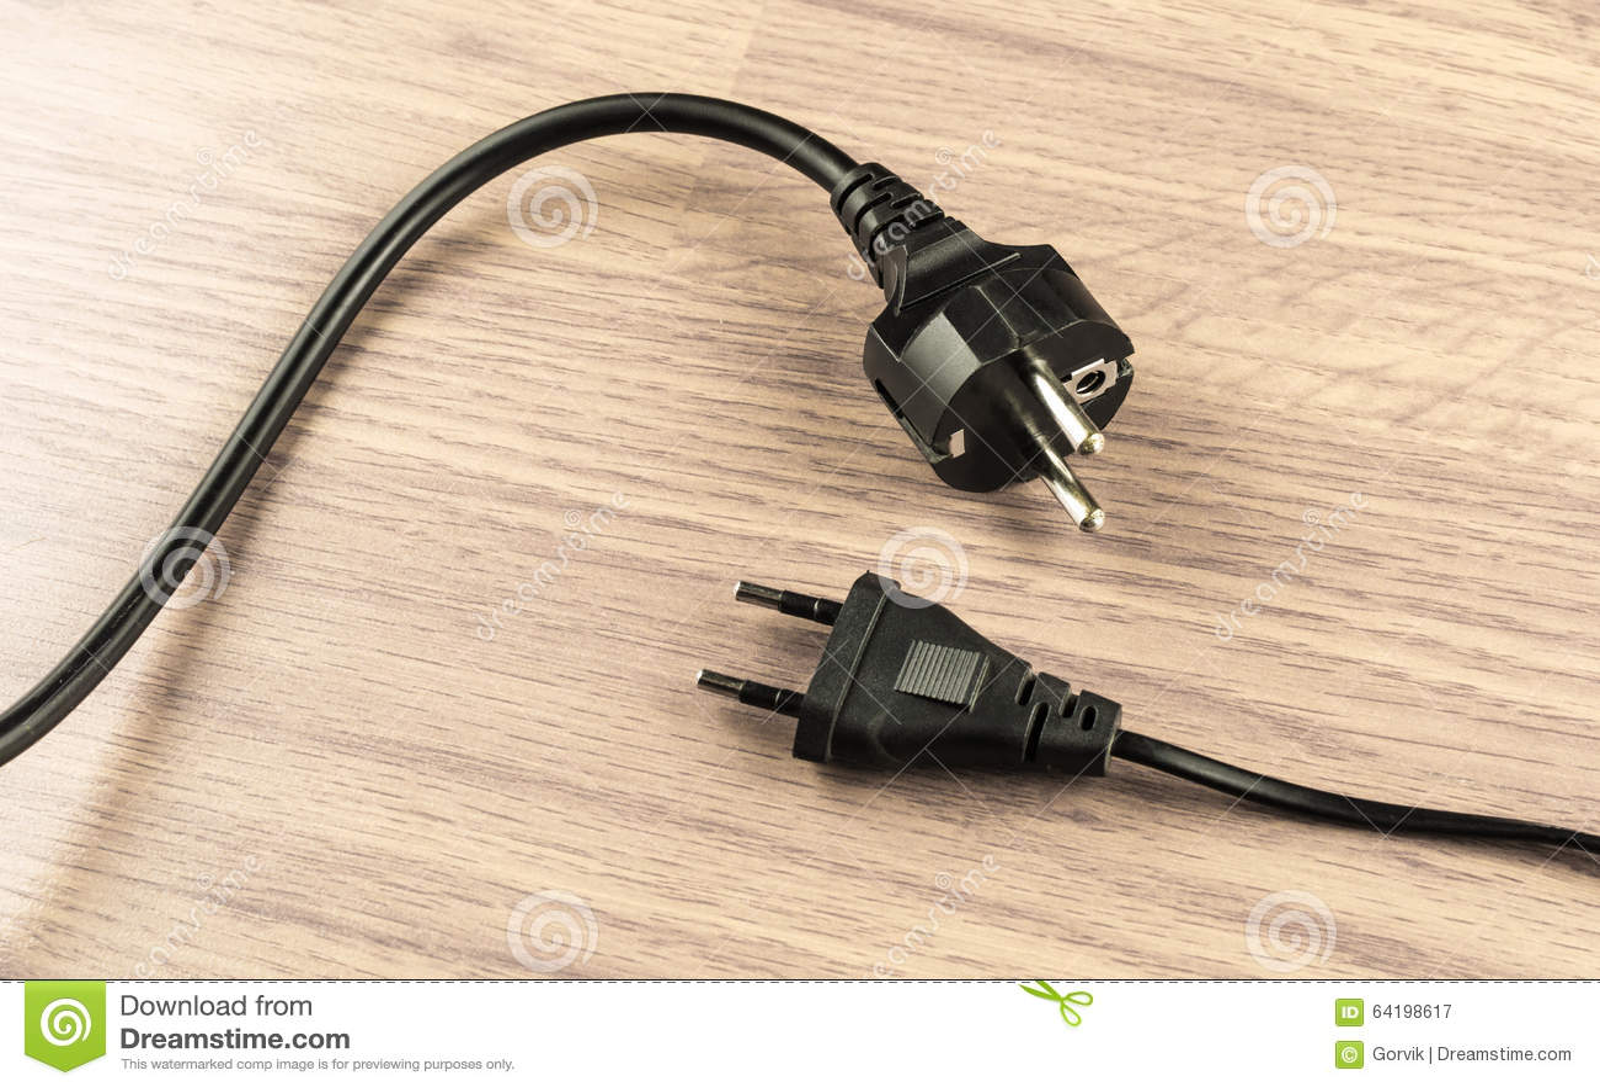 zwei arten elektrischer stecker stockbild bild 64198617. Black Bedroom Furniture Sets. Home Design Ideas